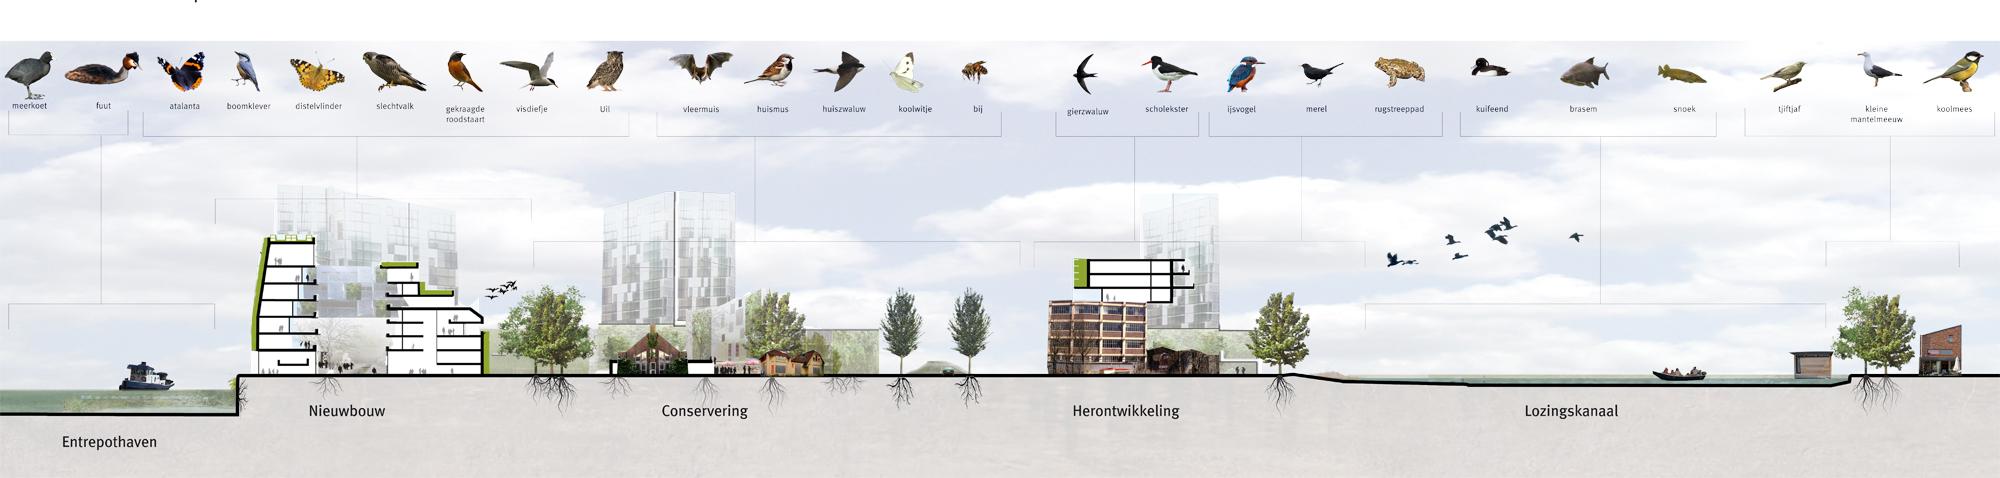 DS_ecologische doorsnede_web